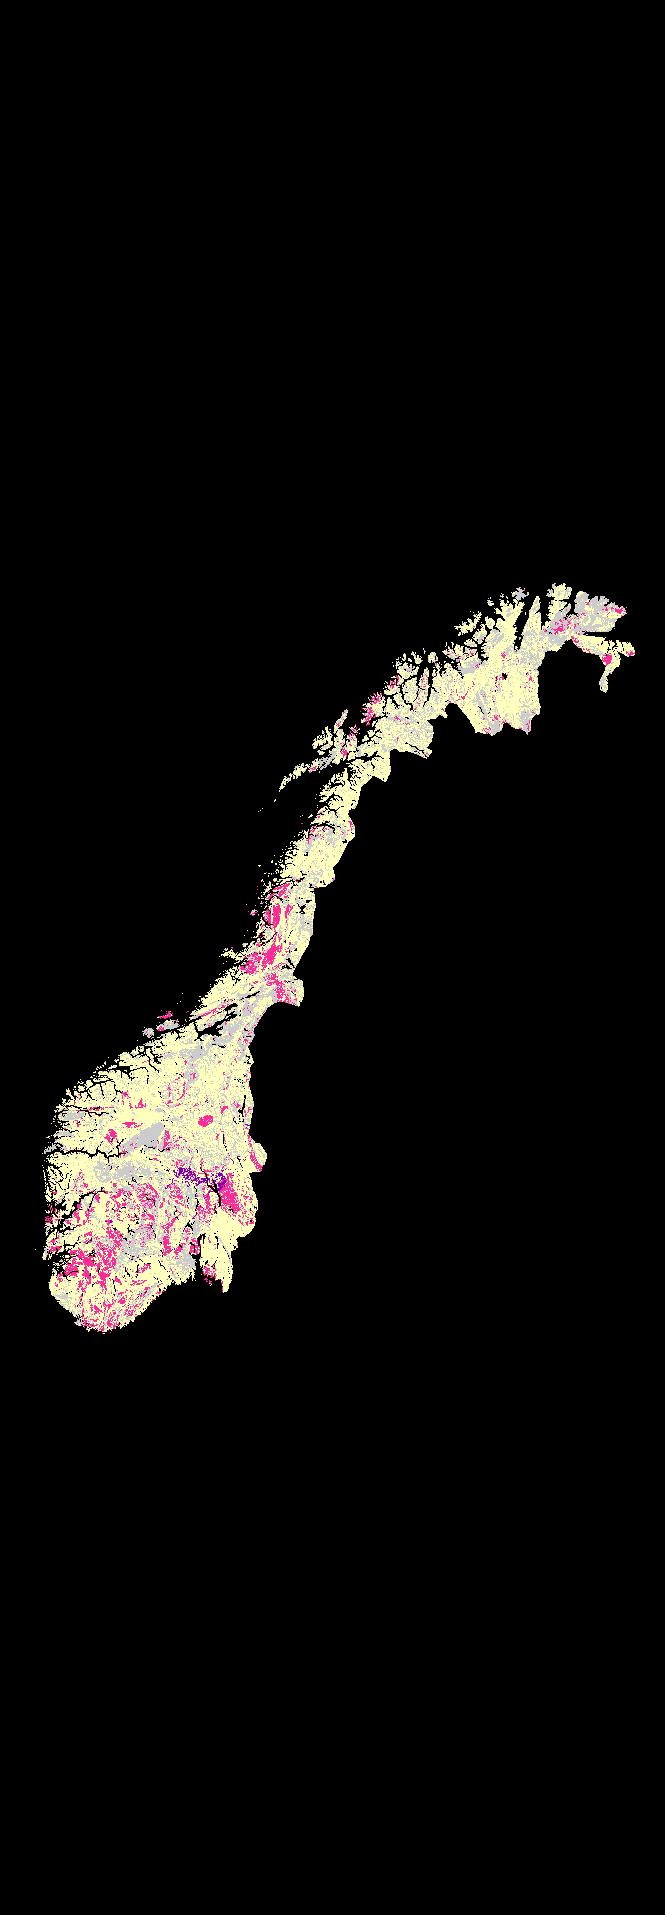 radon norge kart http://geo.ngu.no/kart/radon/ radon norge kart